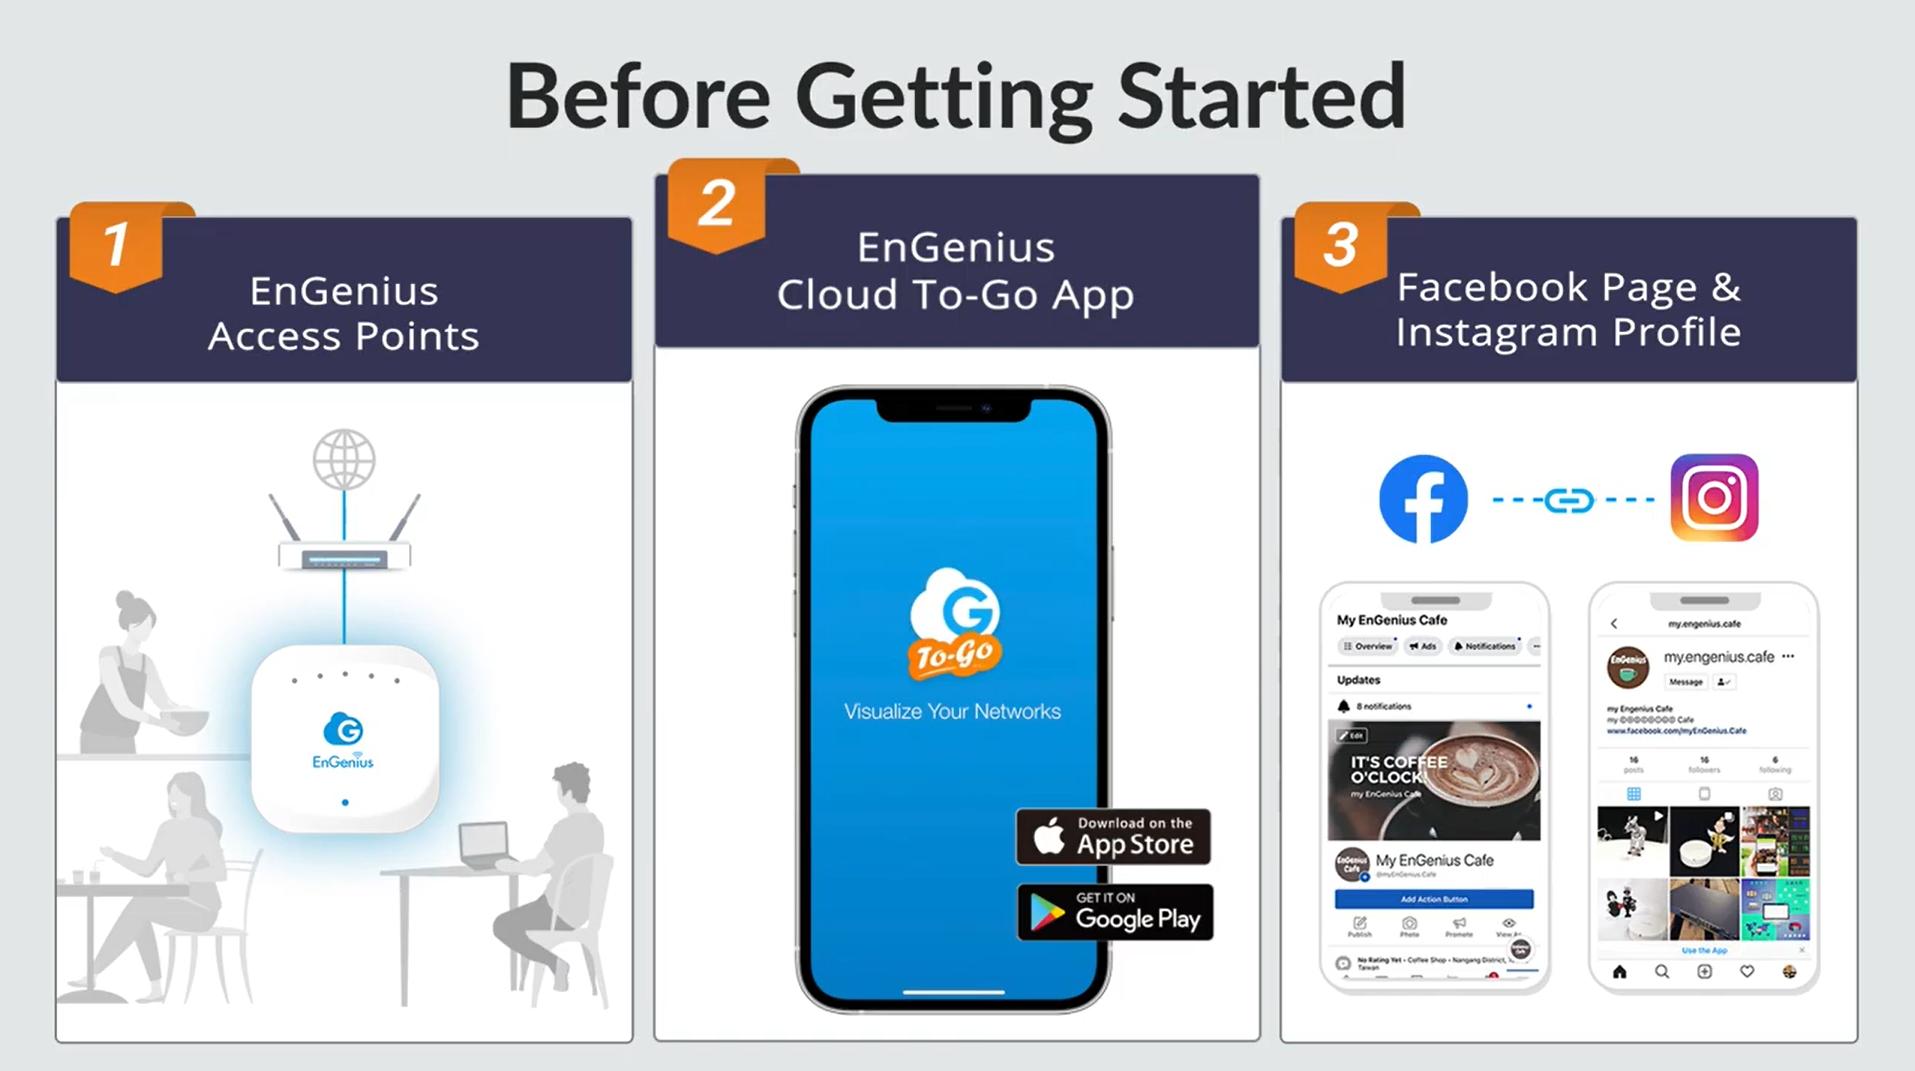 เหนือคู่แข่ง EnGenius จับมือ Facebook และ Instagram ล็อกอิน Wi-Fi 6 ในพริบตา ช่วยผู้ประกอบการ SME เพิ่มยอด LIKE PAGE